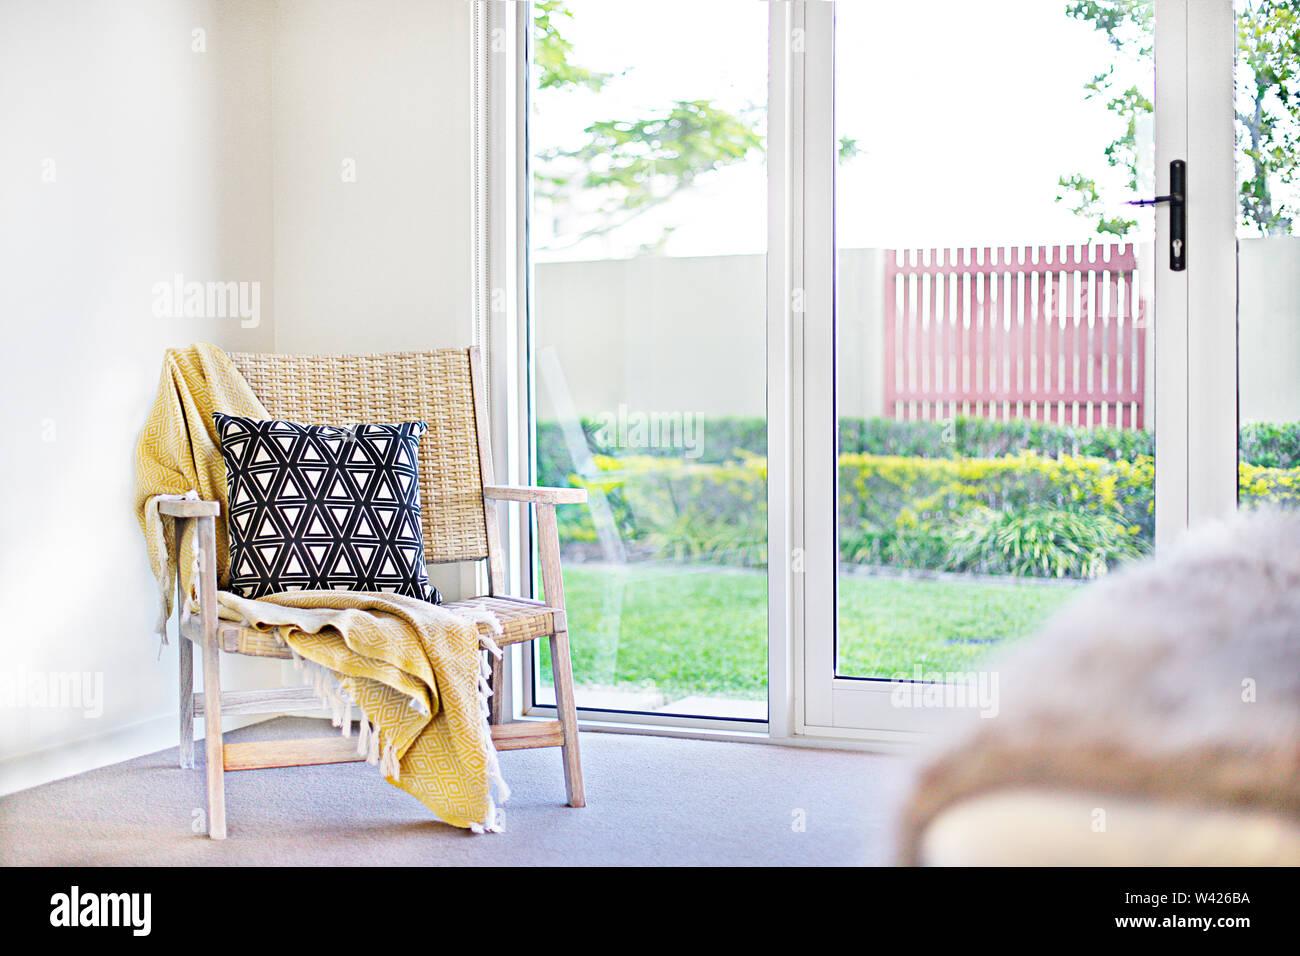 Cuscino con una sedia di legno e un foglio giallo accanto a una porta per il giardino esterno vista, inclusa una illuminazione a luce del sole e il verde prato vicino a Immagini Stock